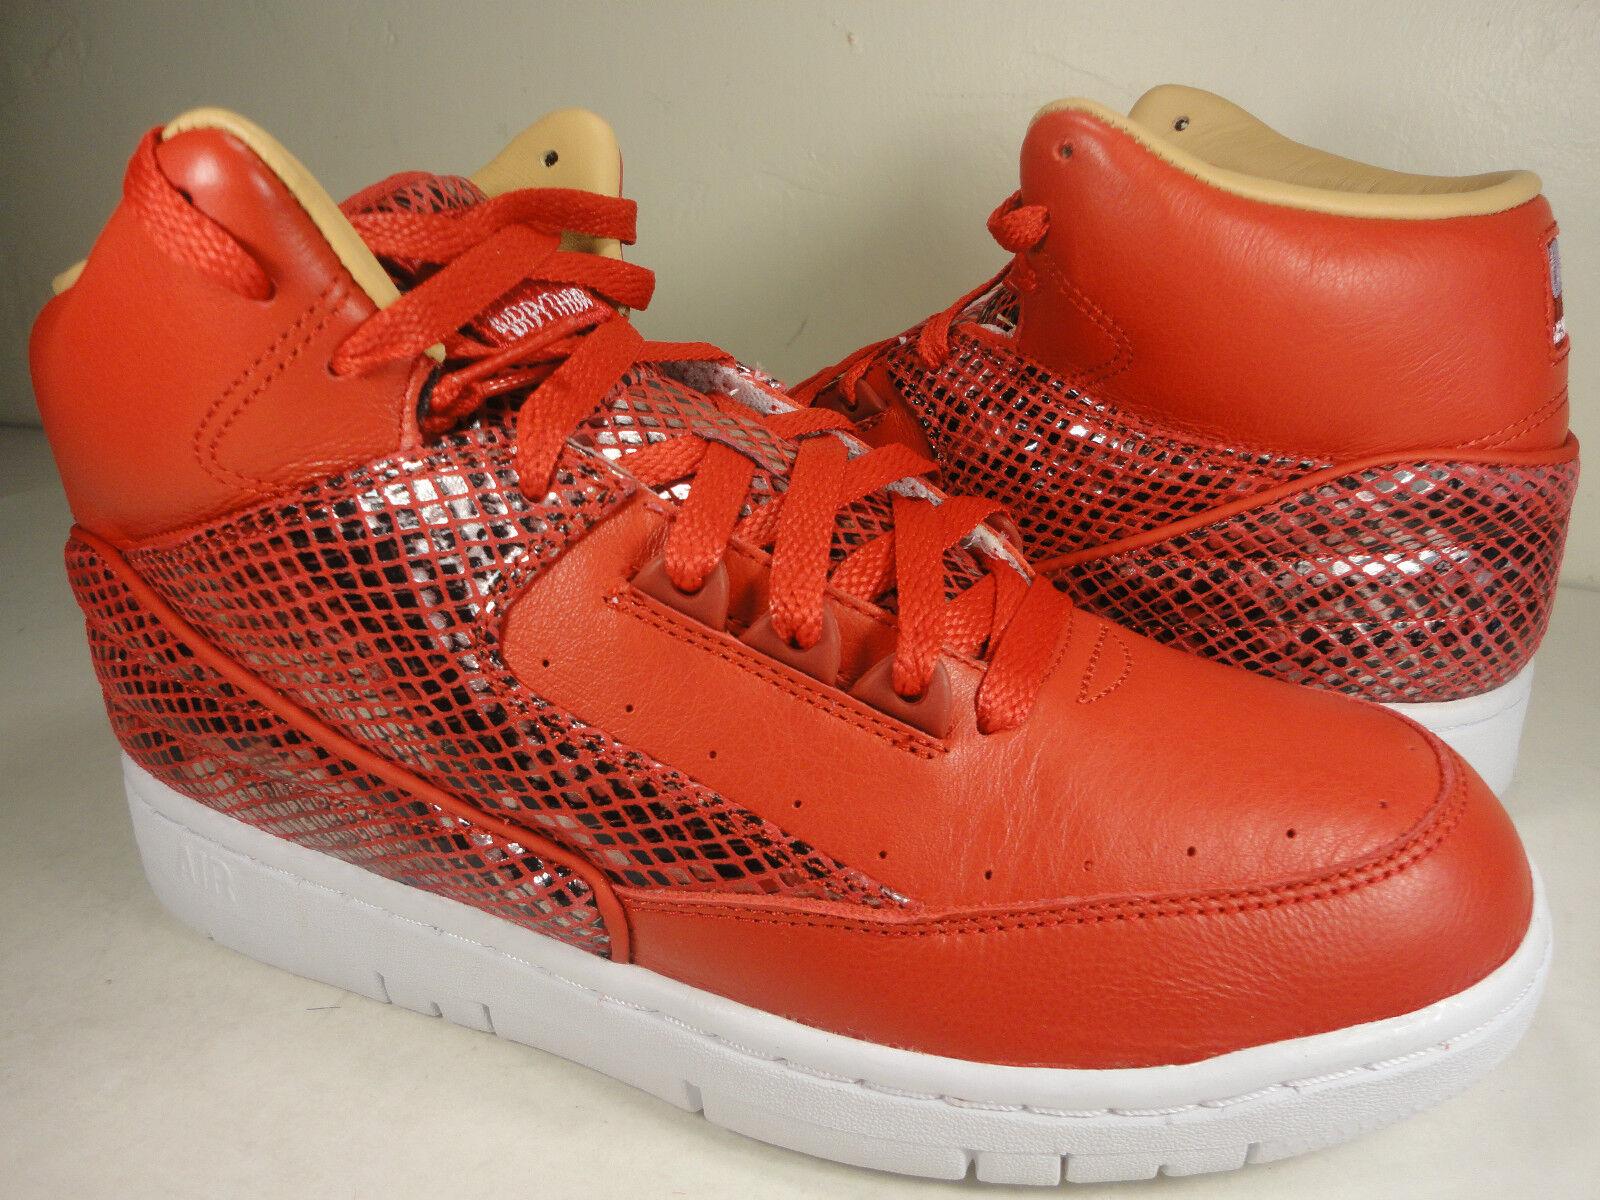 Nike Universidad Air Python Lux SP Universidad Nike Rojo Blanco de piel de serpiente rara DSM reducción de precio 79b5eb